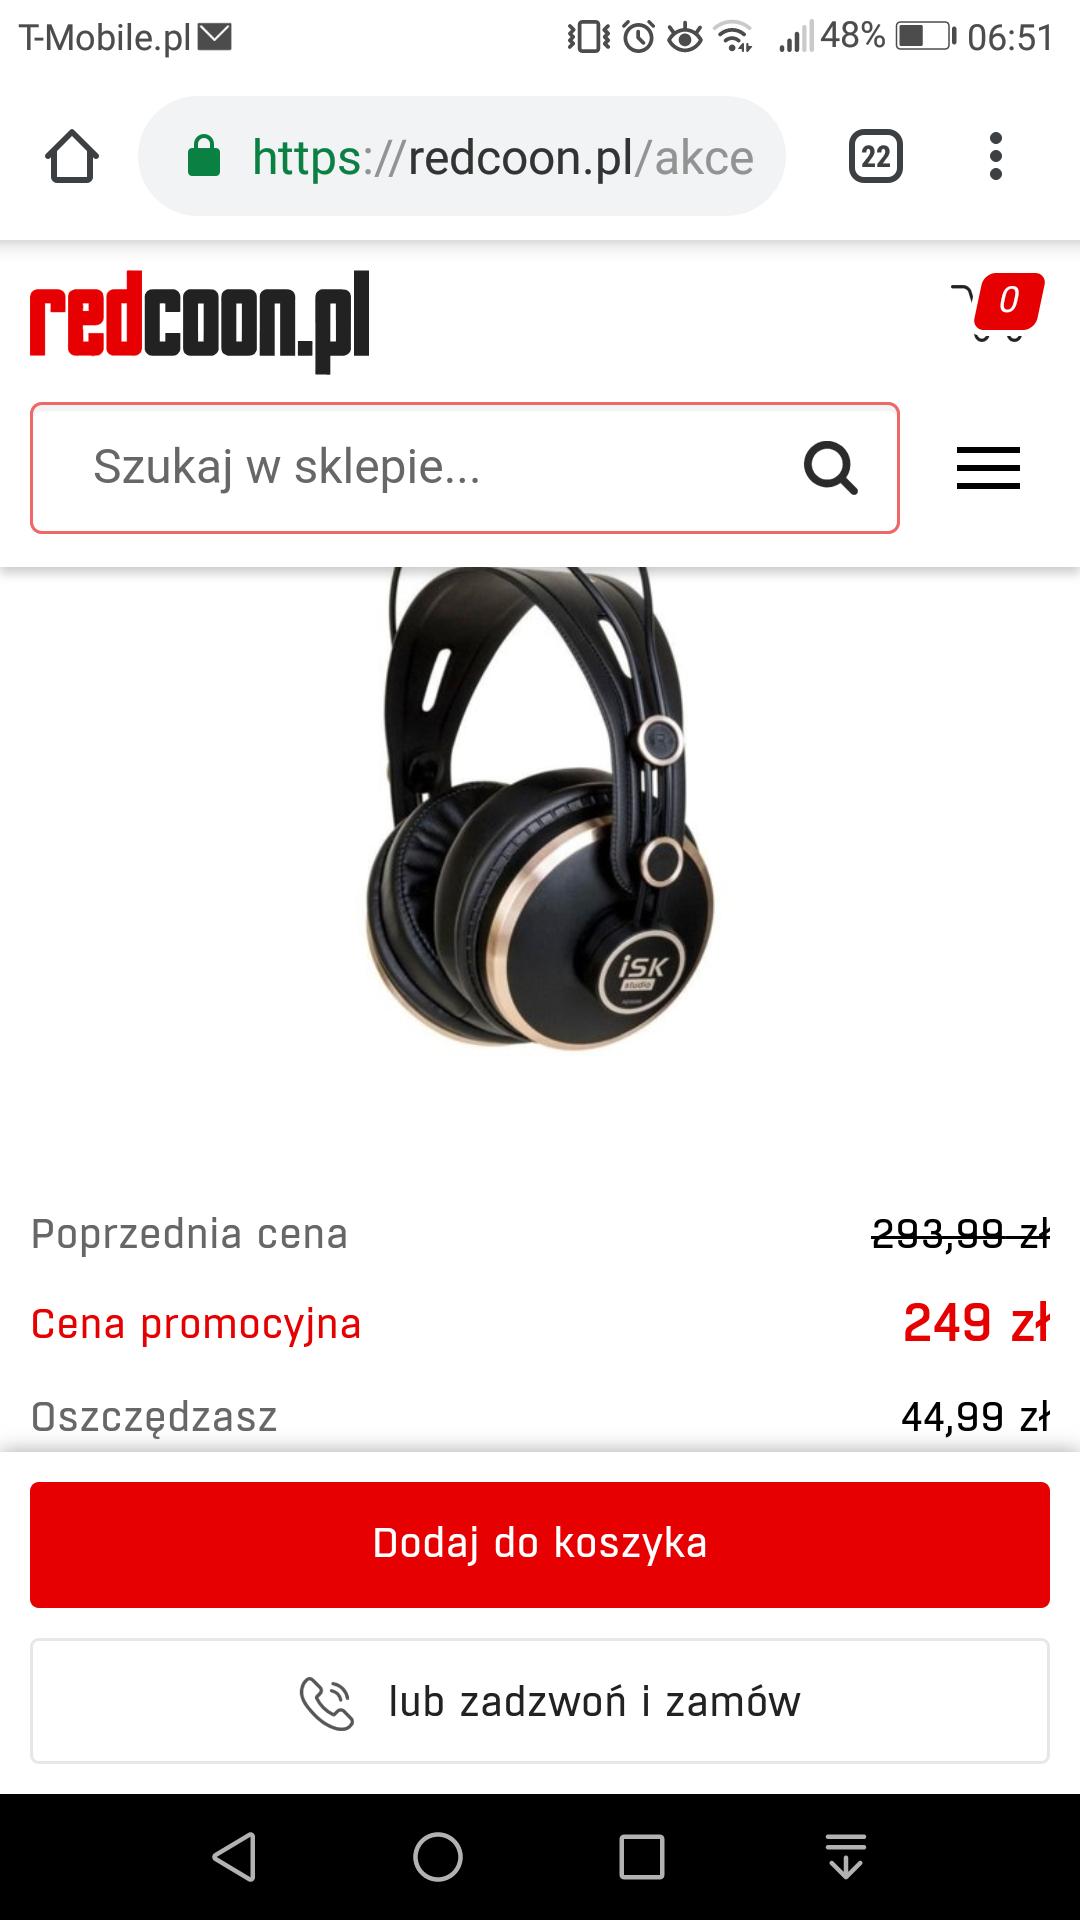 Słuchawki ISK HD9999 za 249zł na redcoon.pl